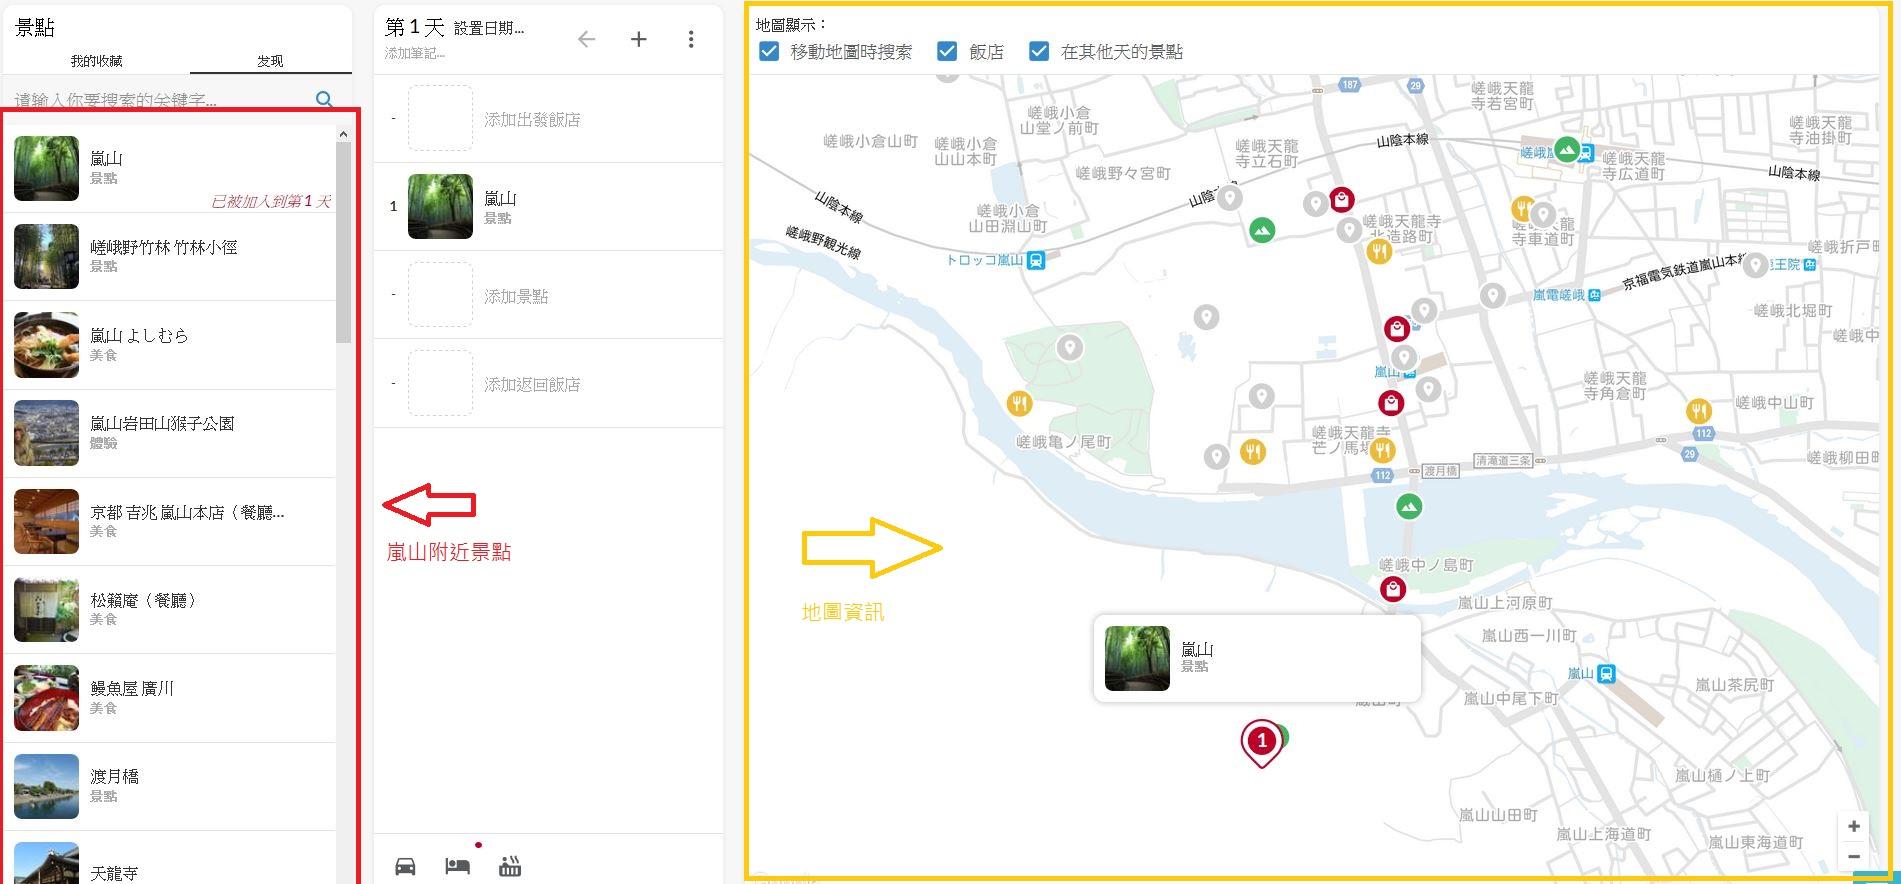 日玩客行程編排_加入景點到行程